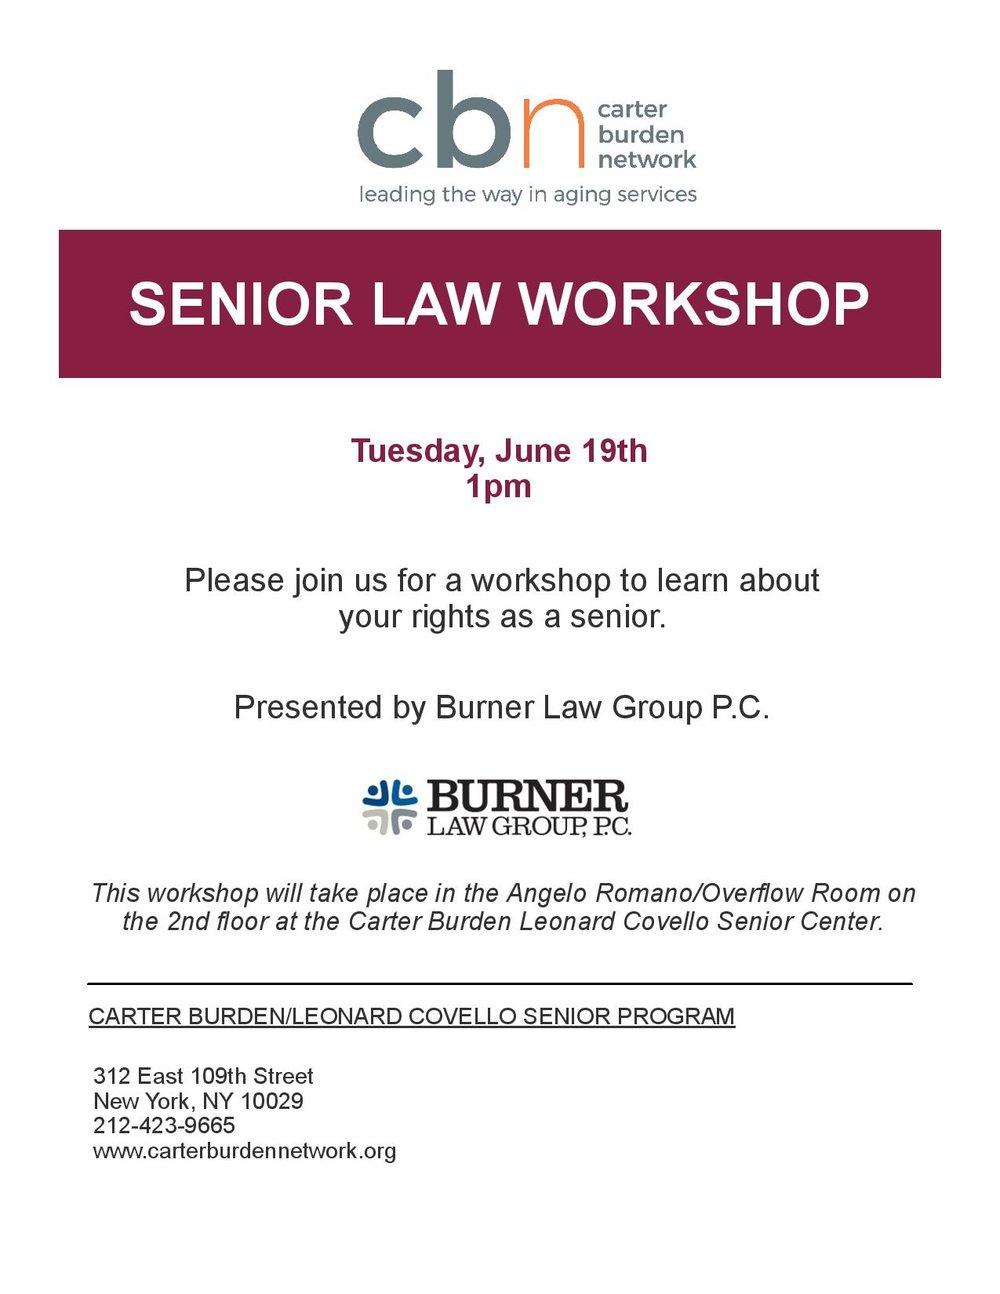 Senior Law Workshop  6.19.18-page-001.jpg